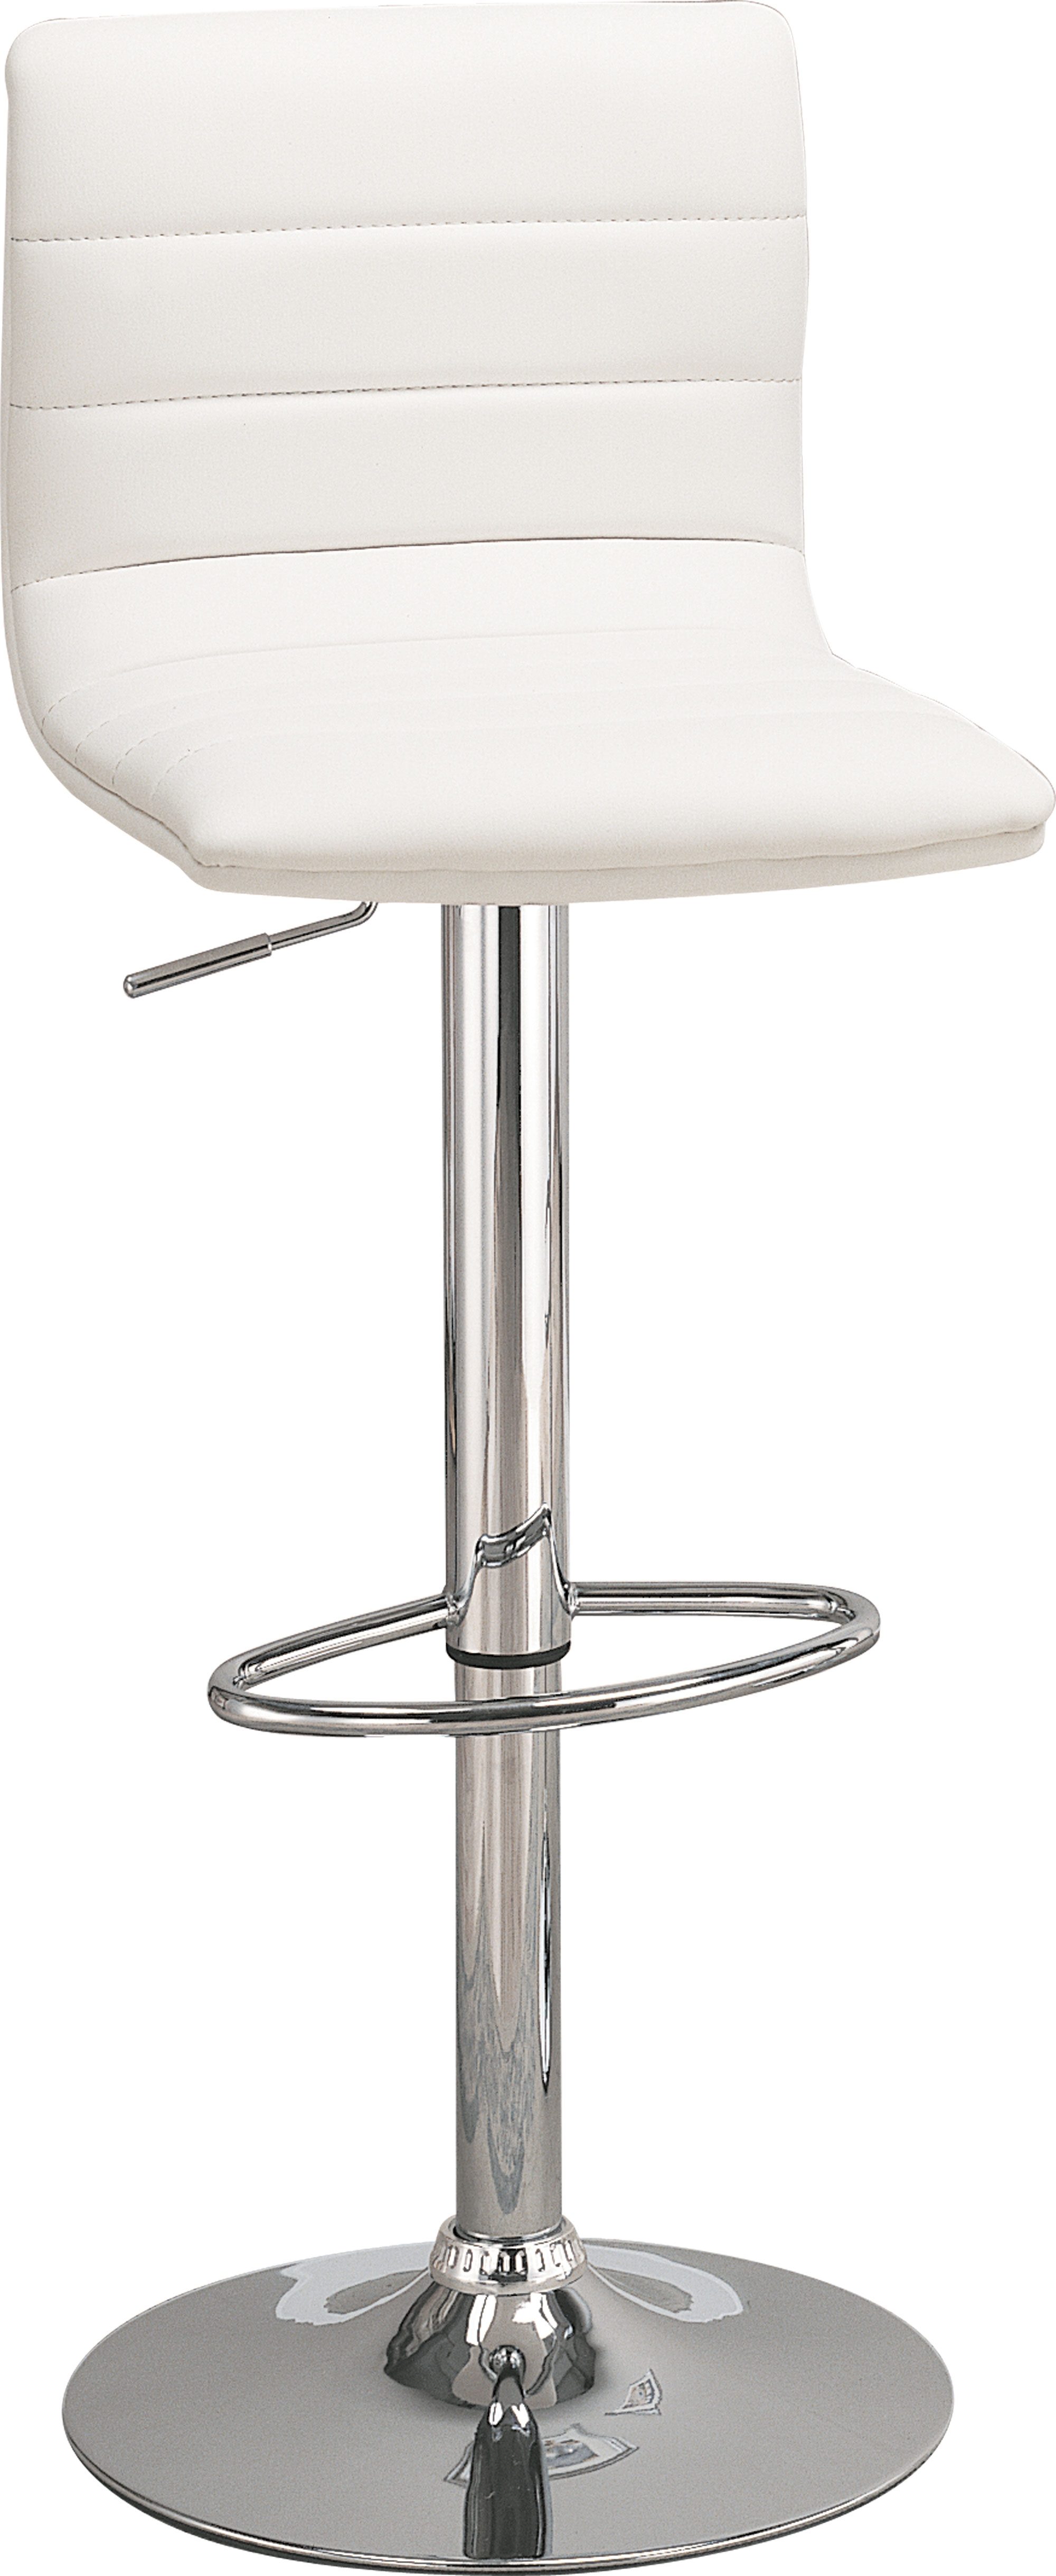 coaster-fine-furniture-120345-upholstered-adjustable-bar-stool-set-of-2-a